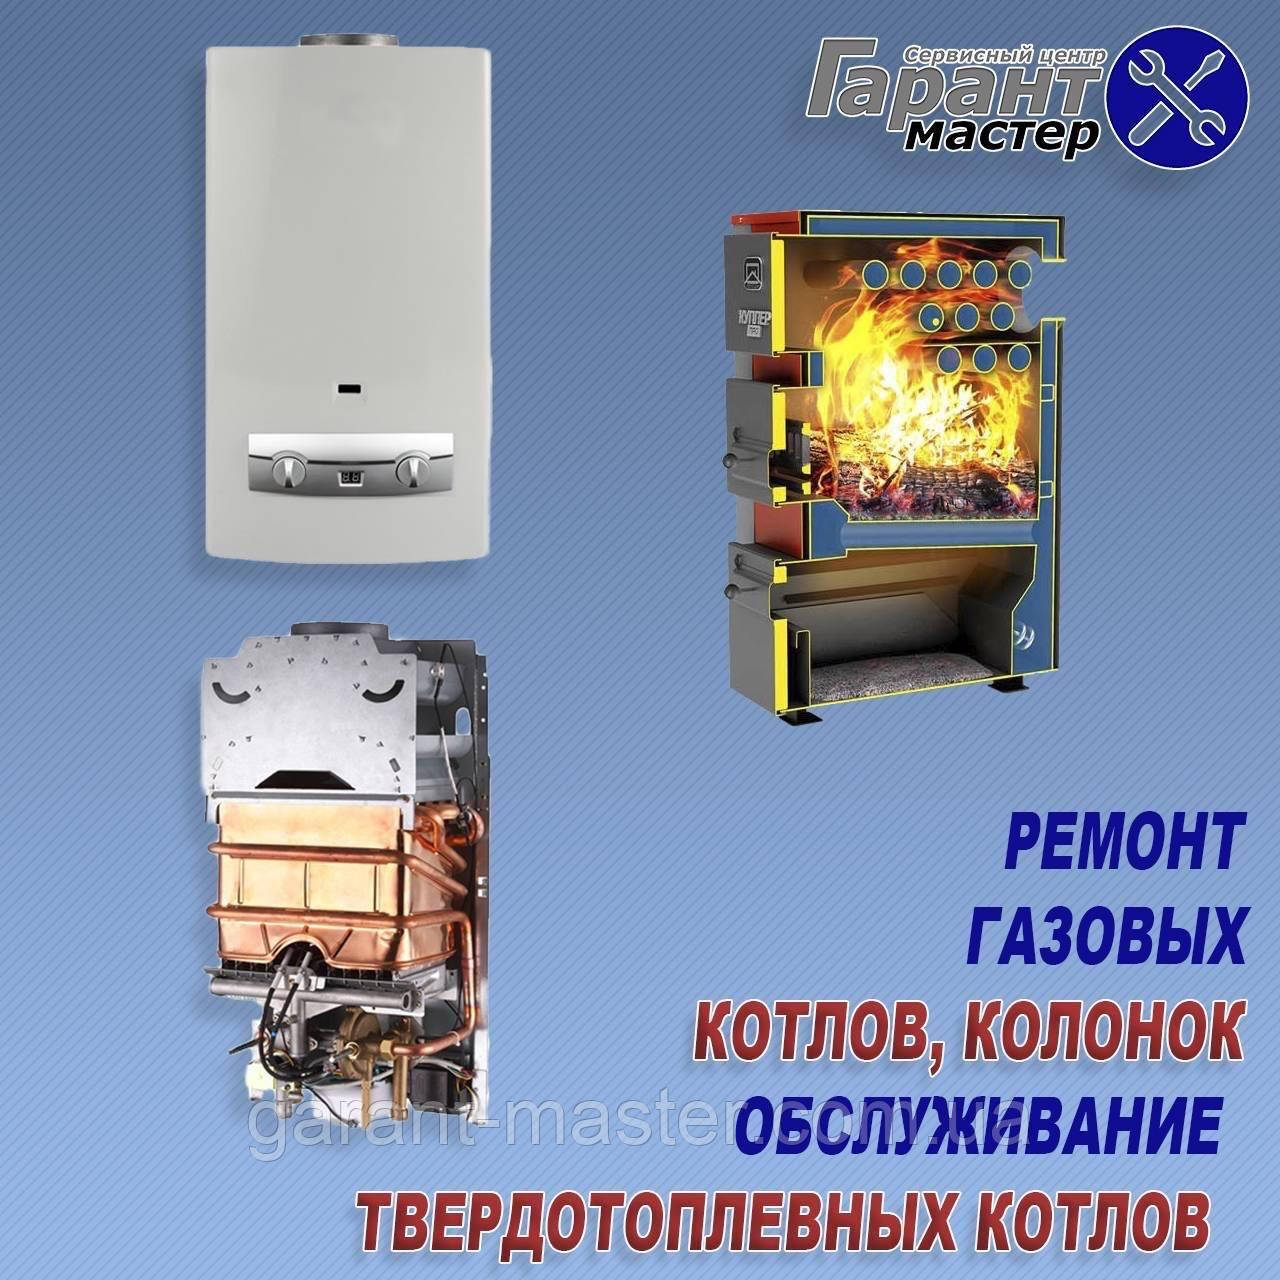 Ремонт, газовой колонки, котла ARISTON в Харькове